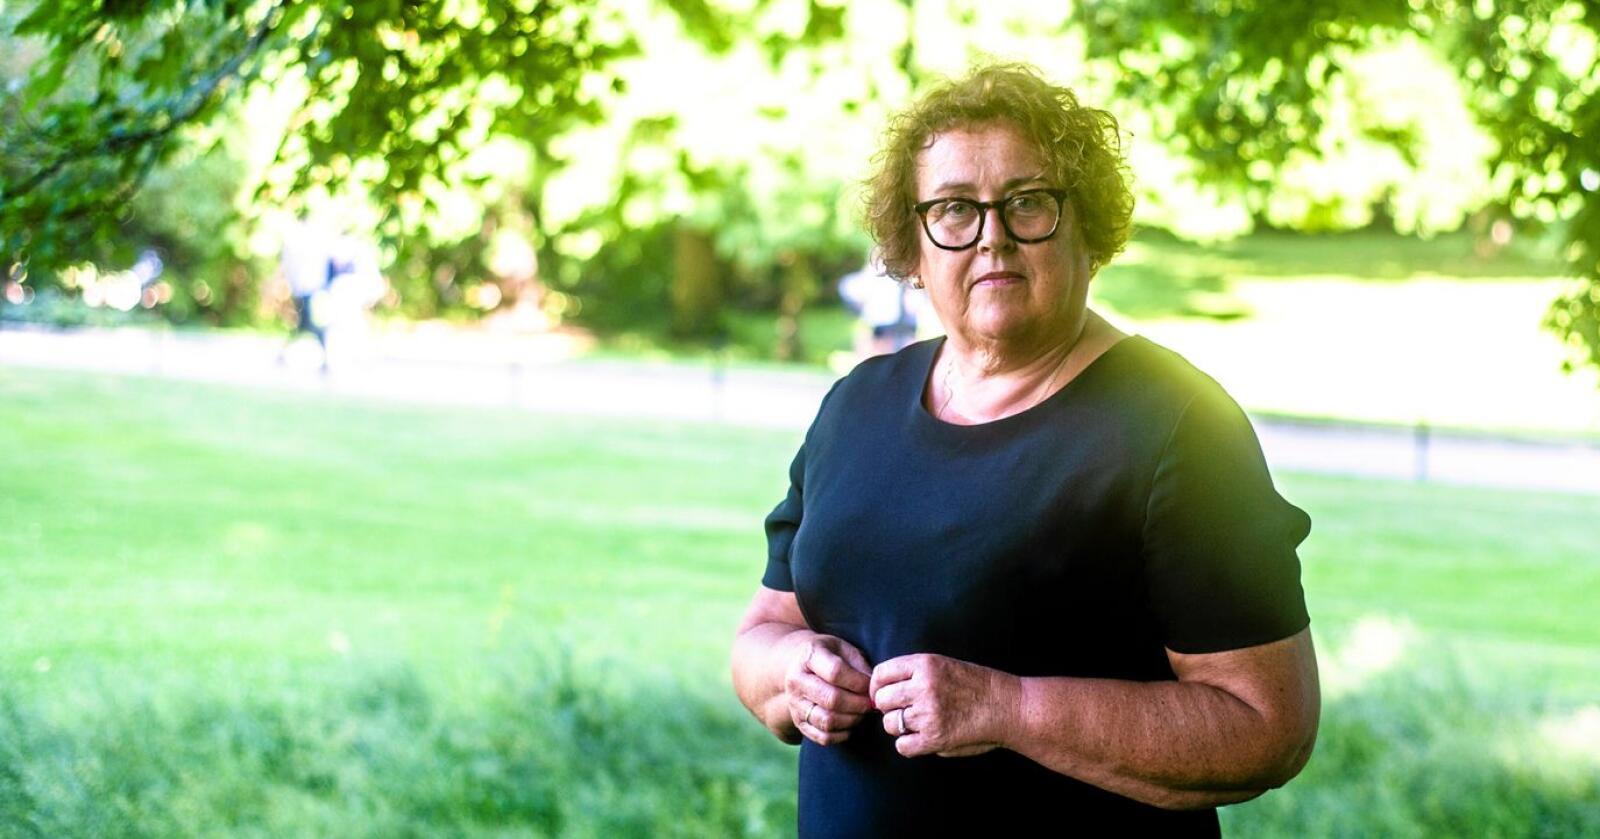 Jordbruksareal: Landbruks- og matminister Olaug Bollestad (KrF) vedgår at «jordbruksarealet» blir kunstig høgt når private hagar, parkar eller kommunale friareal kan stå oppført som jordbruksjord etter meir enn 50 år. Ho tar derimot ikkje initiativ til å rydde og ventar på vedtak i Stortinget. Her frå Slottsparken i Oslo i fjor. Foto: Annika Byrde / NTB scanpix